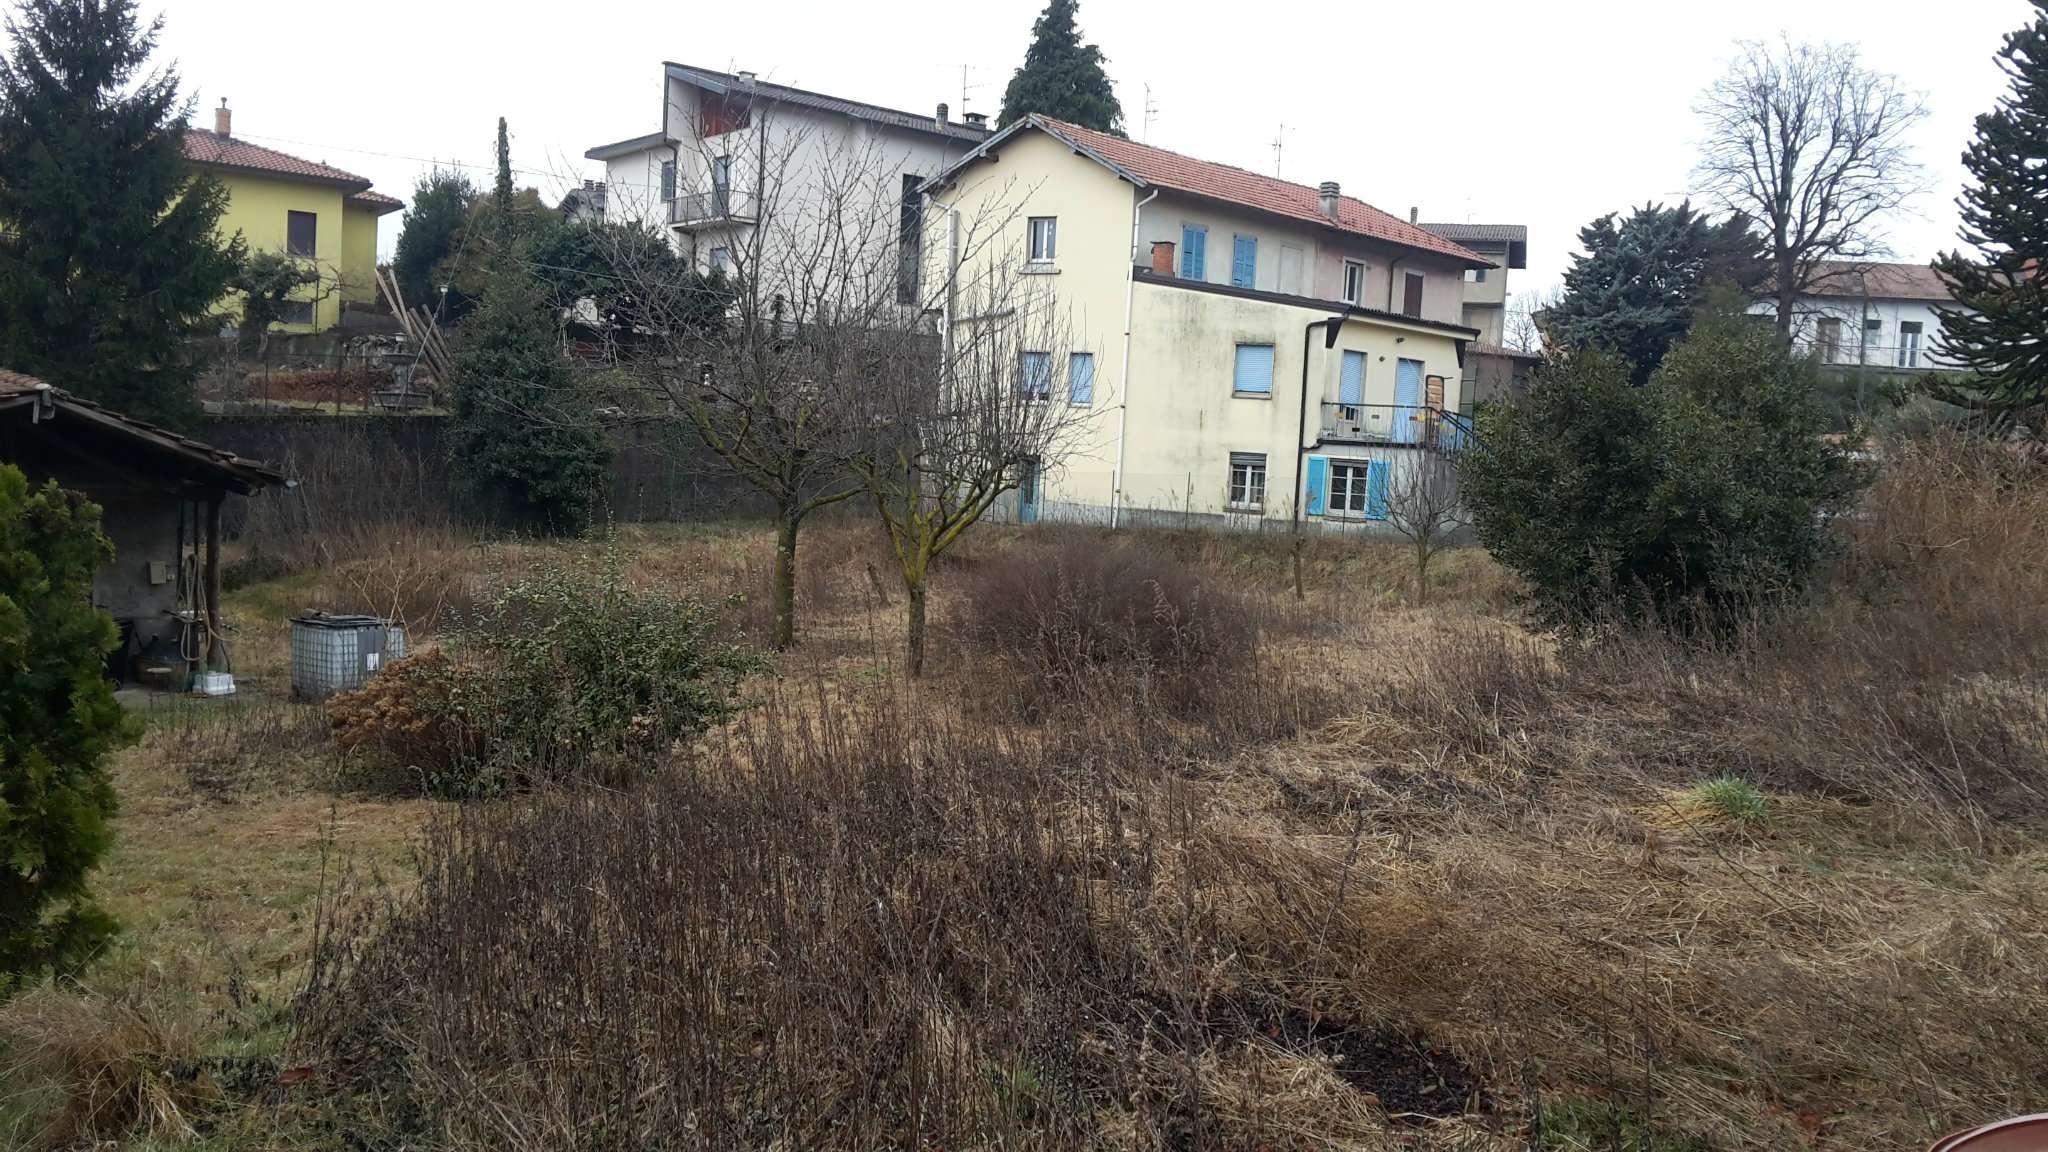 Terreno Edificabile Residenziale in vendita a Saltrio, 9999 locali, prezzo € 110.000 | Cambio Casa.it